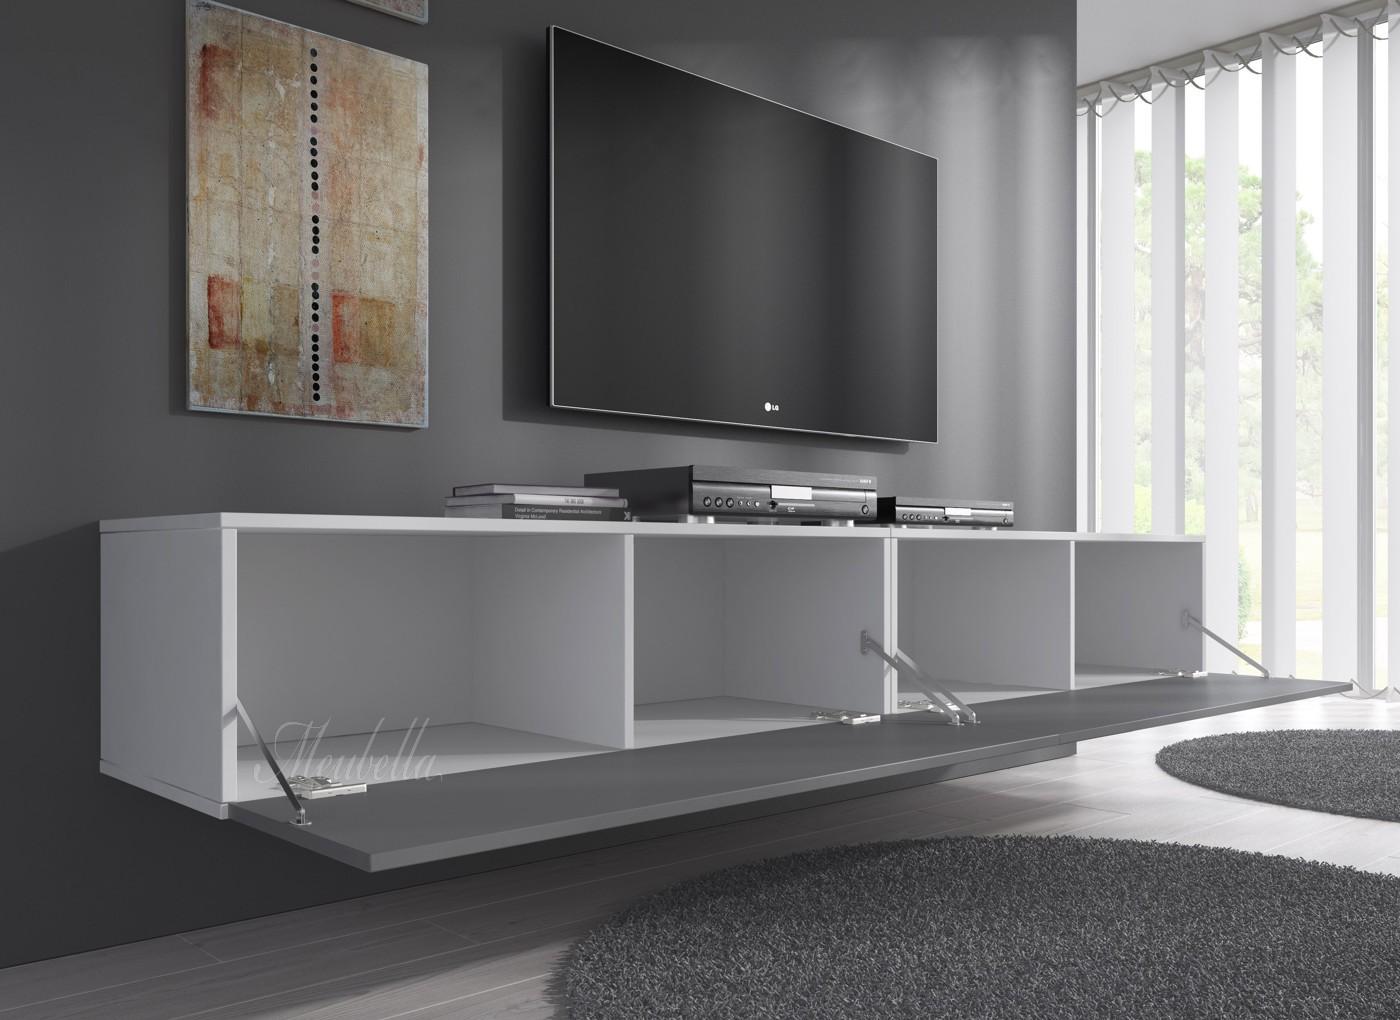 meubels wit grijs beste inspiratie voor huis ontwerp. Black Bedroom Furniture Sets. Home Design Ideas